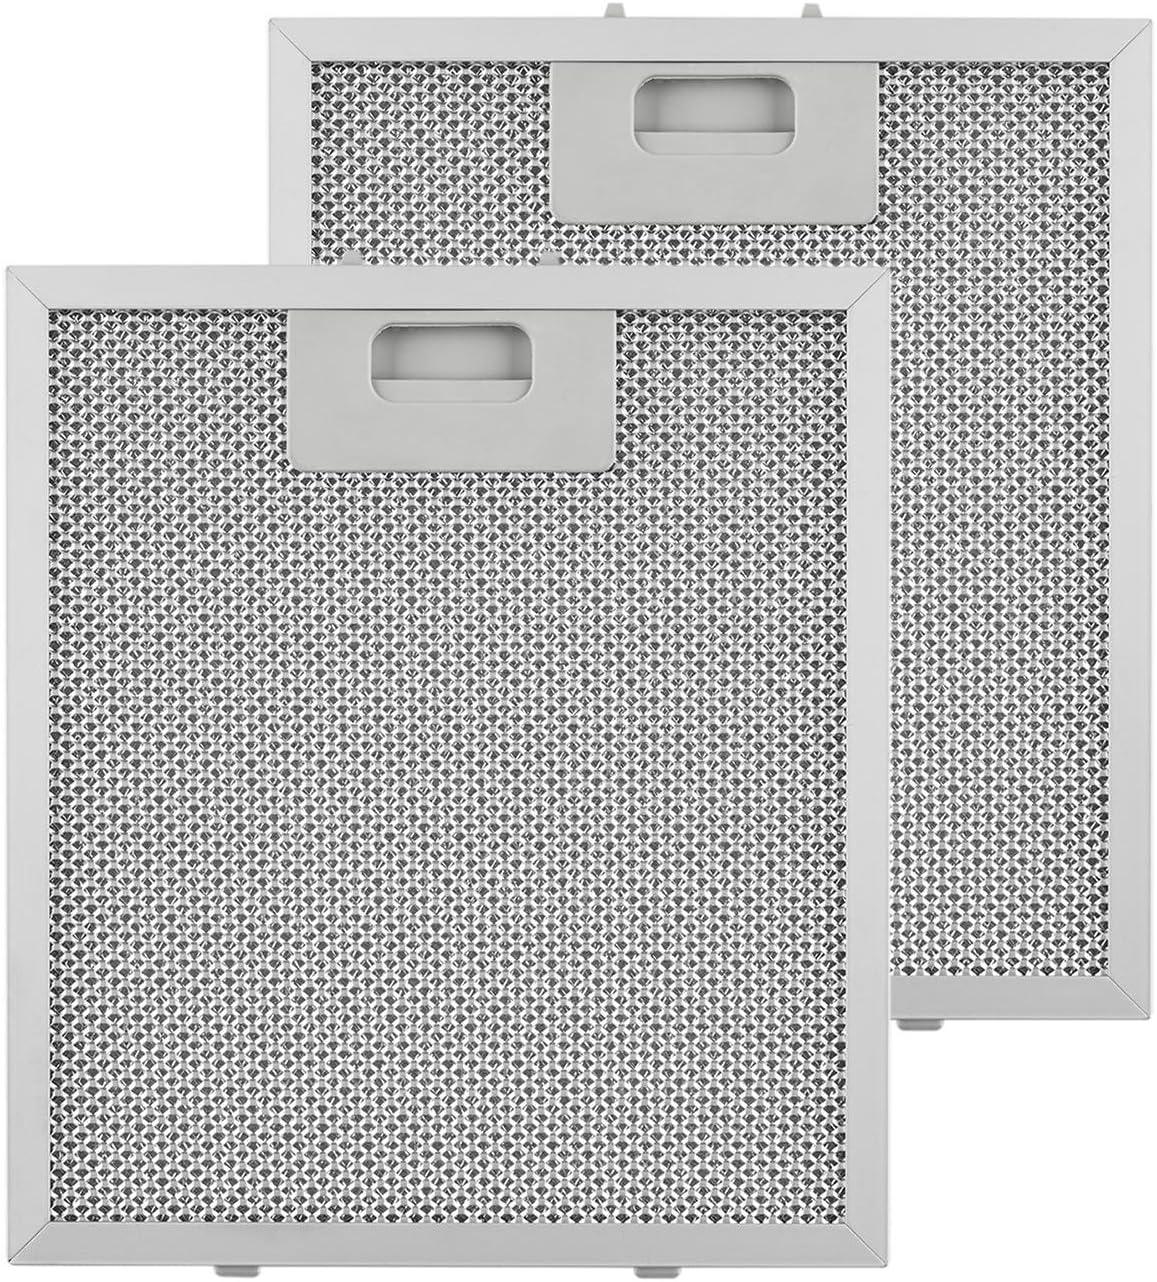 Klarstein Filtro antigrasa de aluminio - Filtro de recambio, Accesorio para campanas Klarstein 10028532,10030176 y 10031996, Medidas 23 x 26 cm: Amazon.es: Hogar